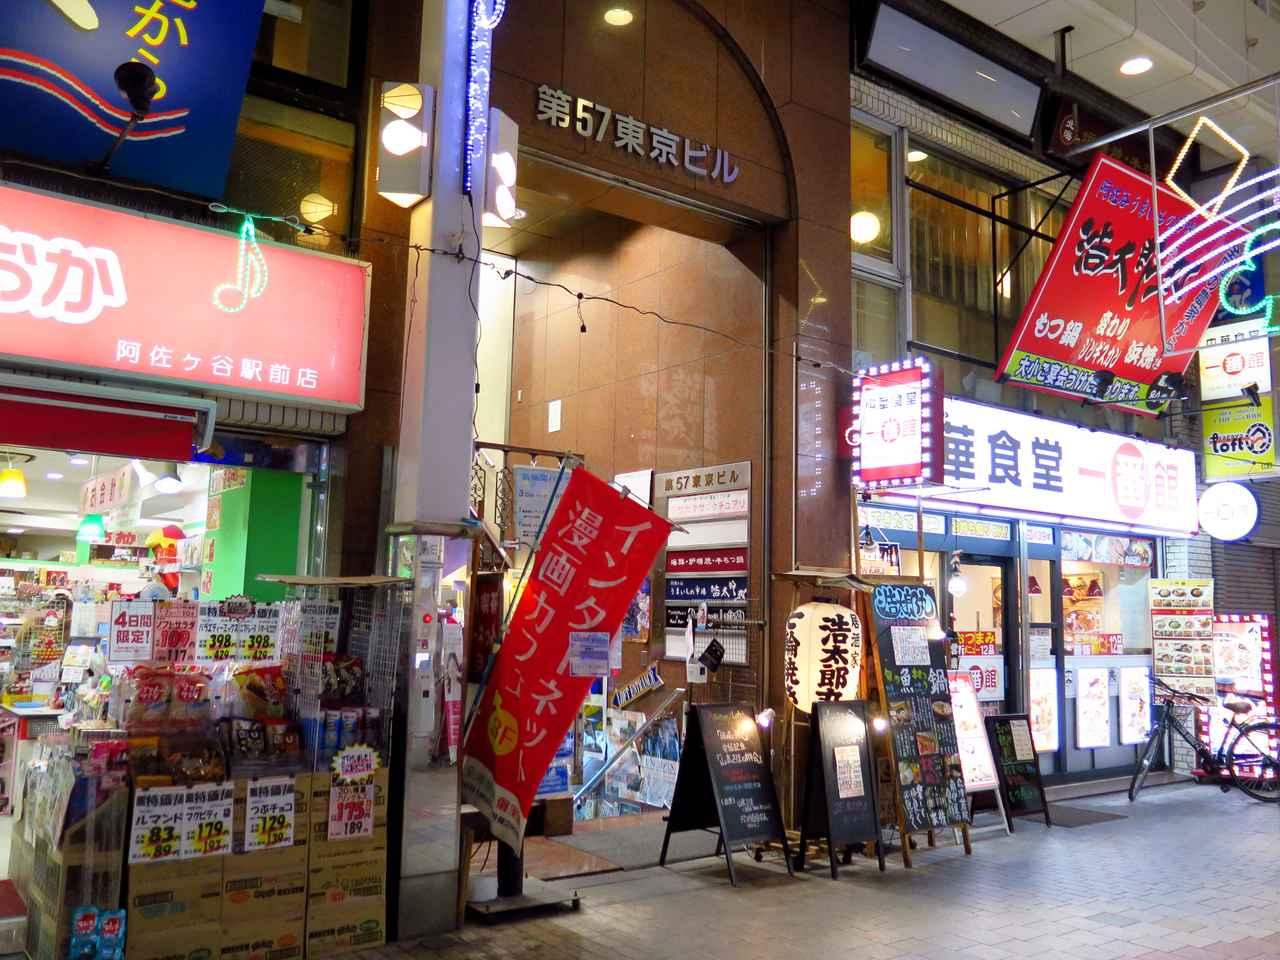 画像: 阿佐谷パールセンター商店街の中にあります。